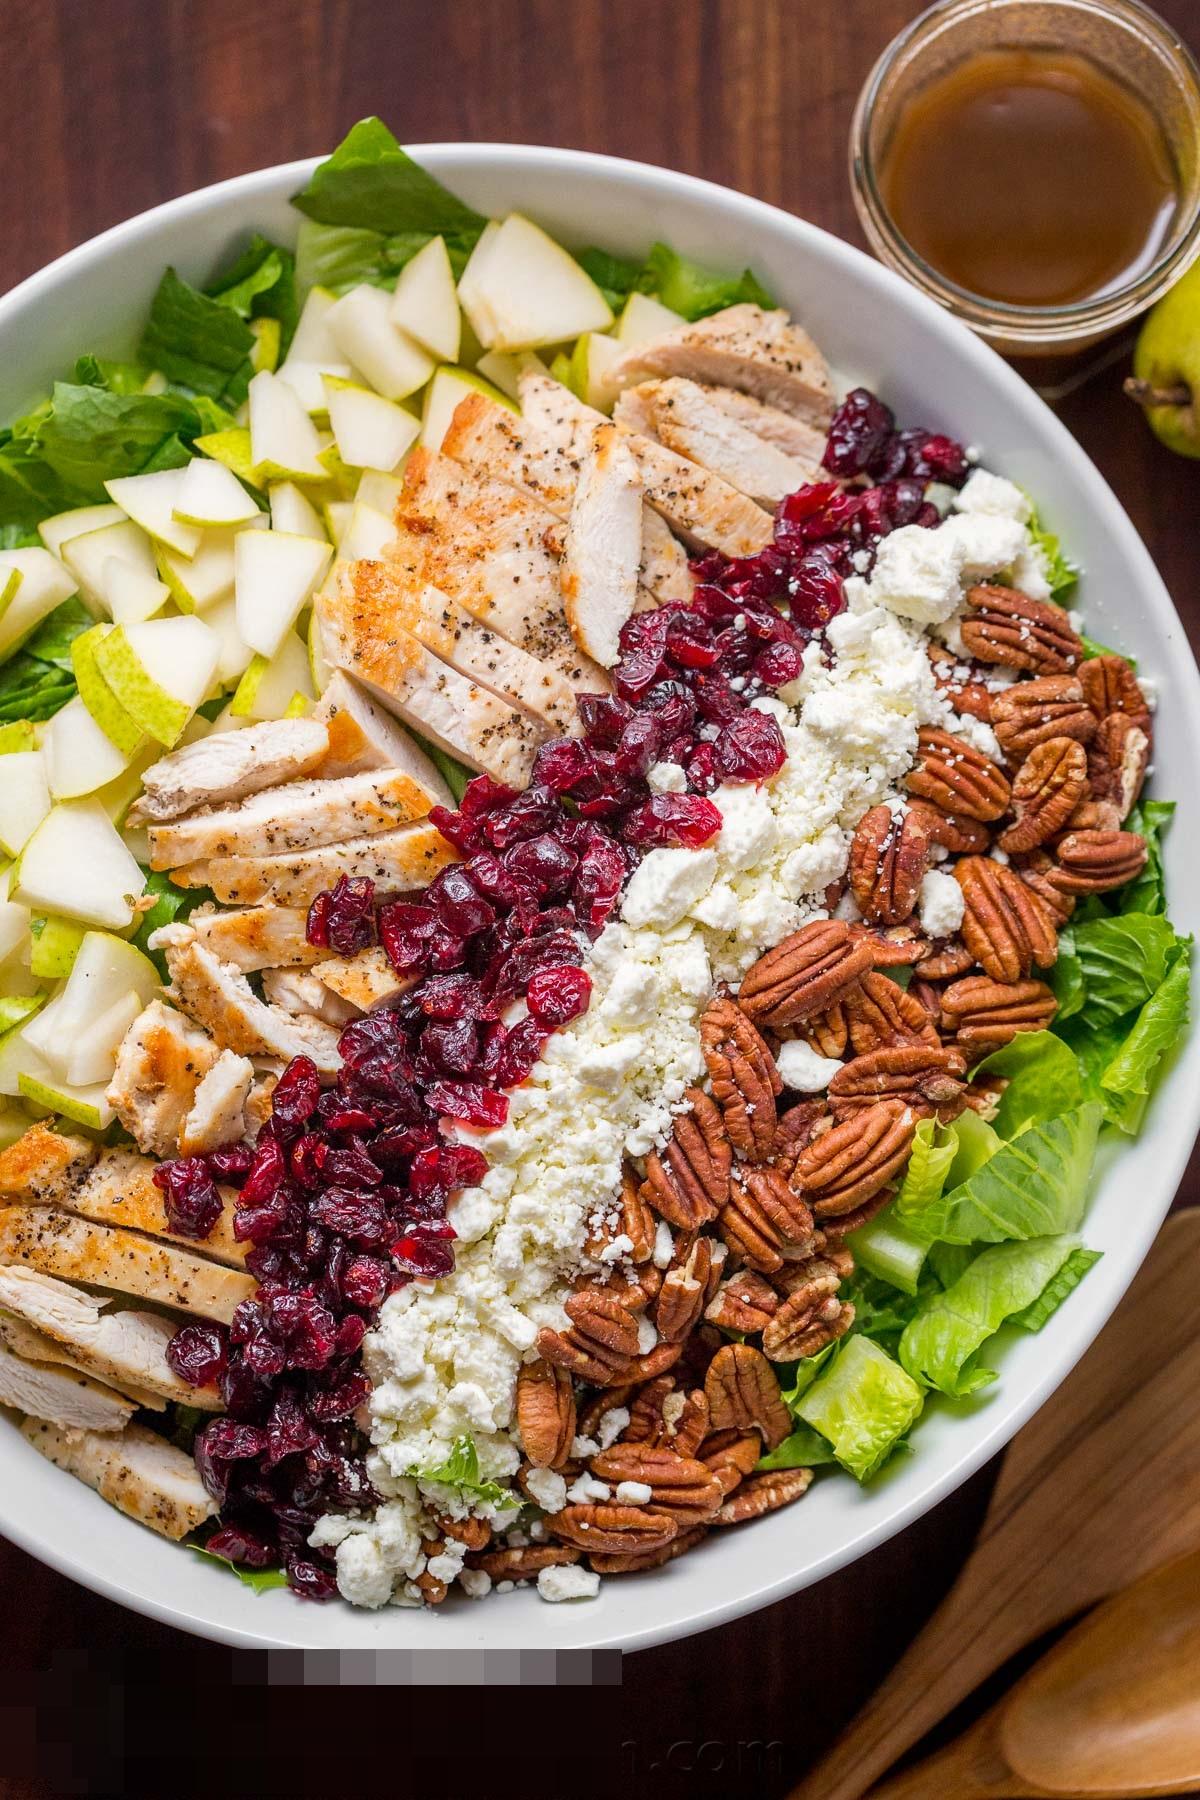 Chuyên gia chia sẻ thực đơn ăn sáng kích thích cơ thể đốt cháy chất béo suốt cả ngày giúp giảm cân cực nhanh - Ảnh 2